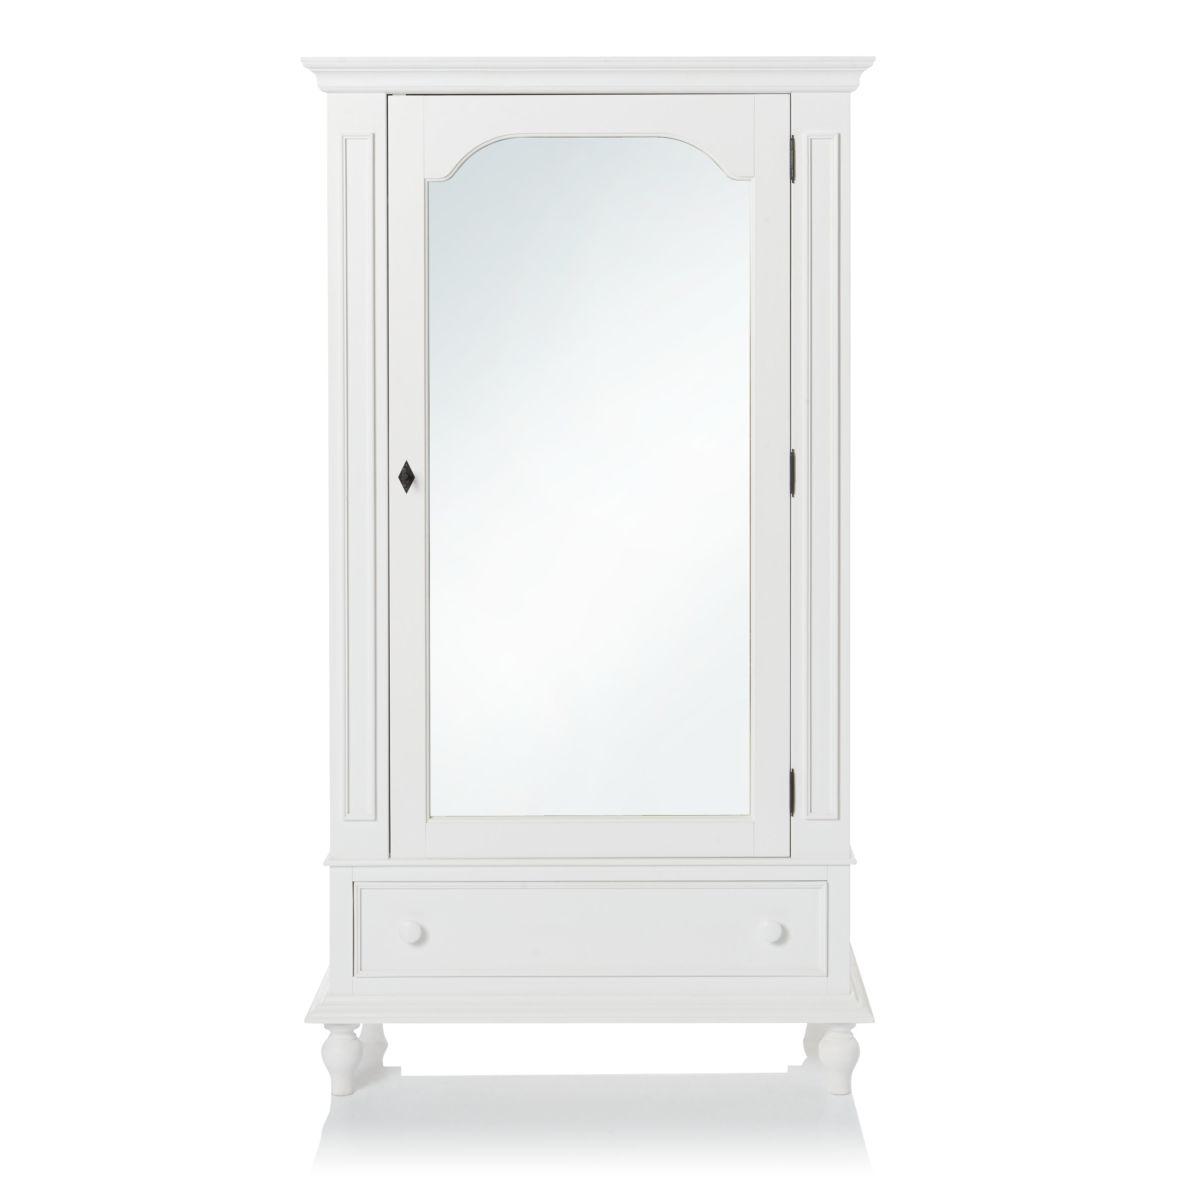 Kleiderschrank, mit Spiegeltür, Landhausstil, Massivholz